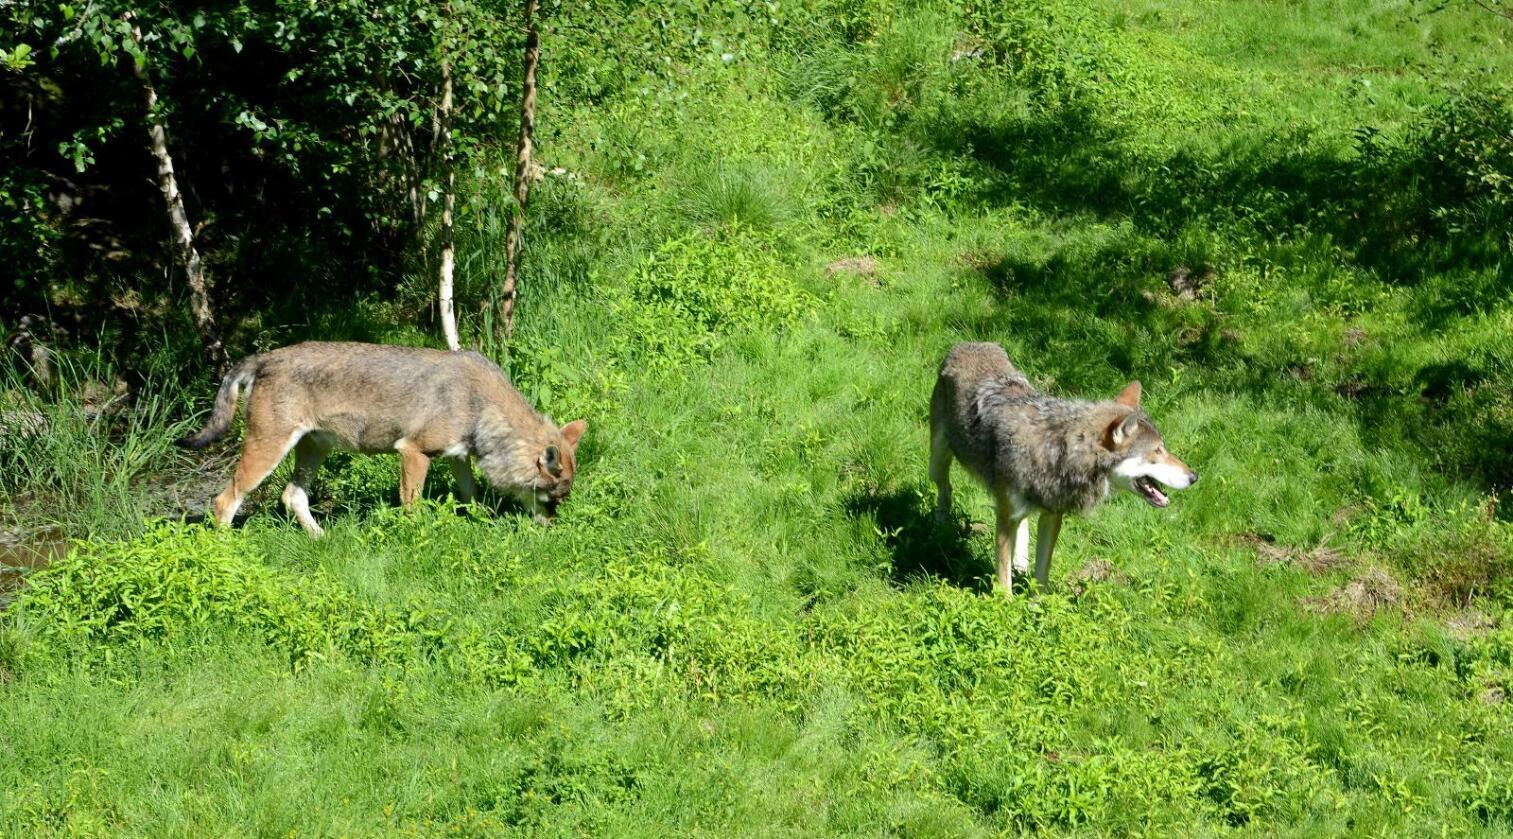 Det ble født ulvekull i de helnorske ulverevirene Osdalen, Julussa og Letjenna i 2016. De foreløpige statusrapportene er ment å gi et innblikk i arbeidet som er utført så langt, og hva som er registrert. (Arkivfoto fra Nordens Ark i Sverige)